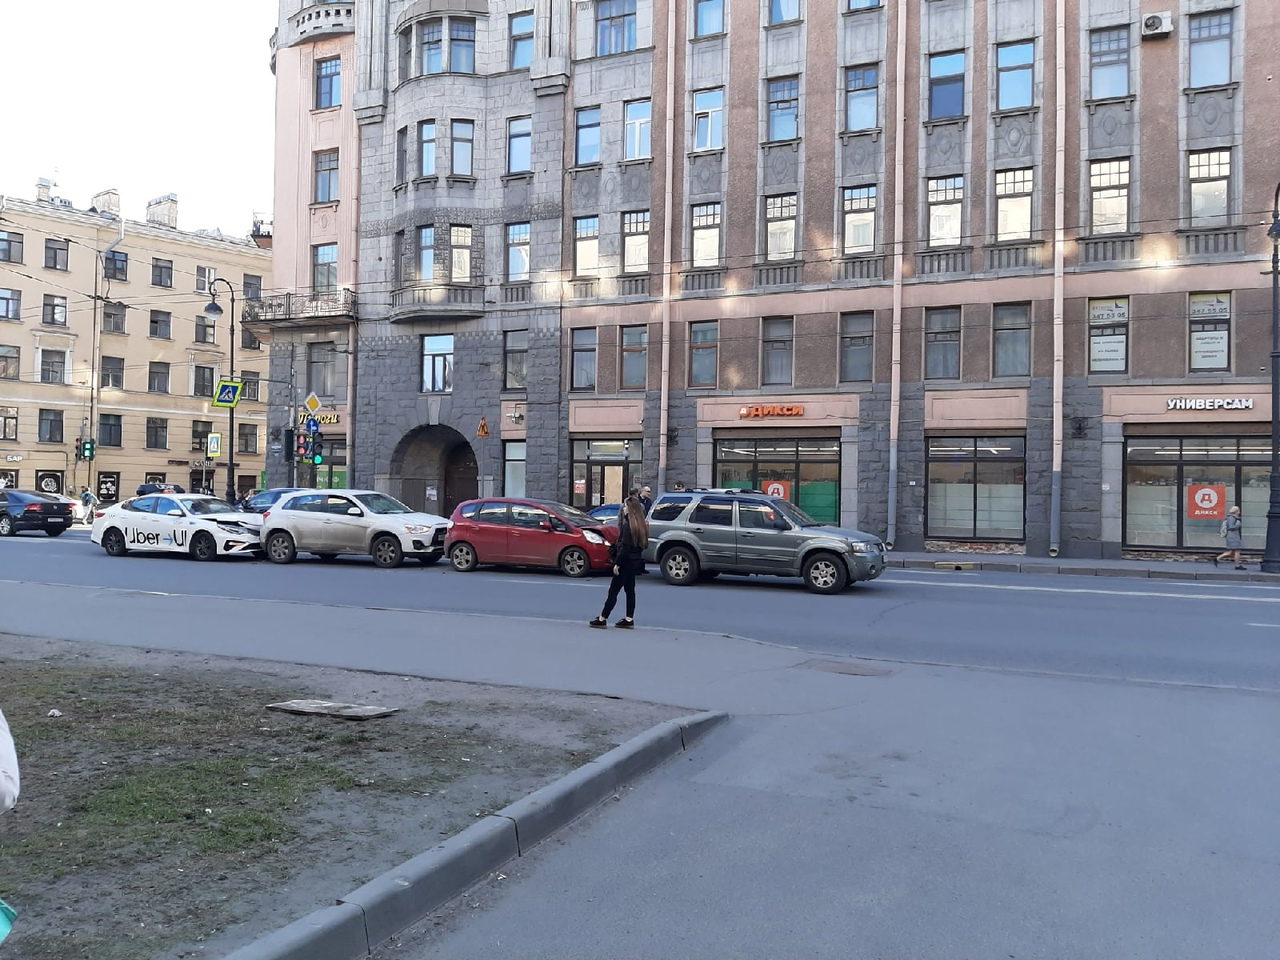 На Каменноостровском проспекте 55 сразу после Попова в сторону Каменноостровского моста, сообразили ...